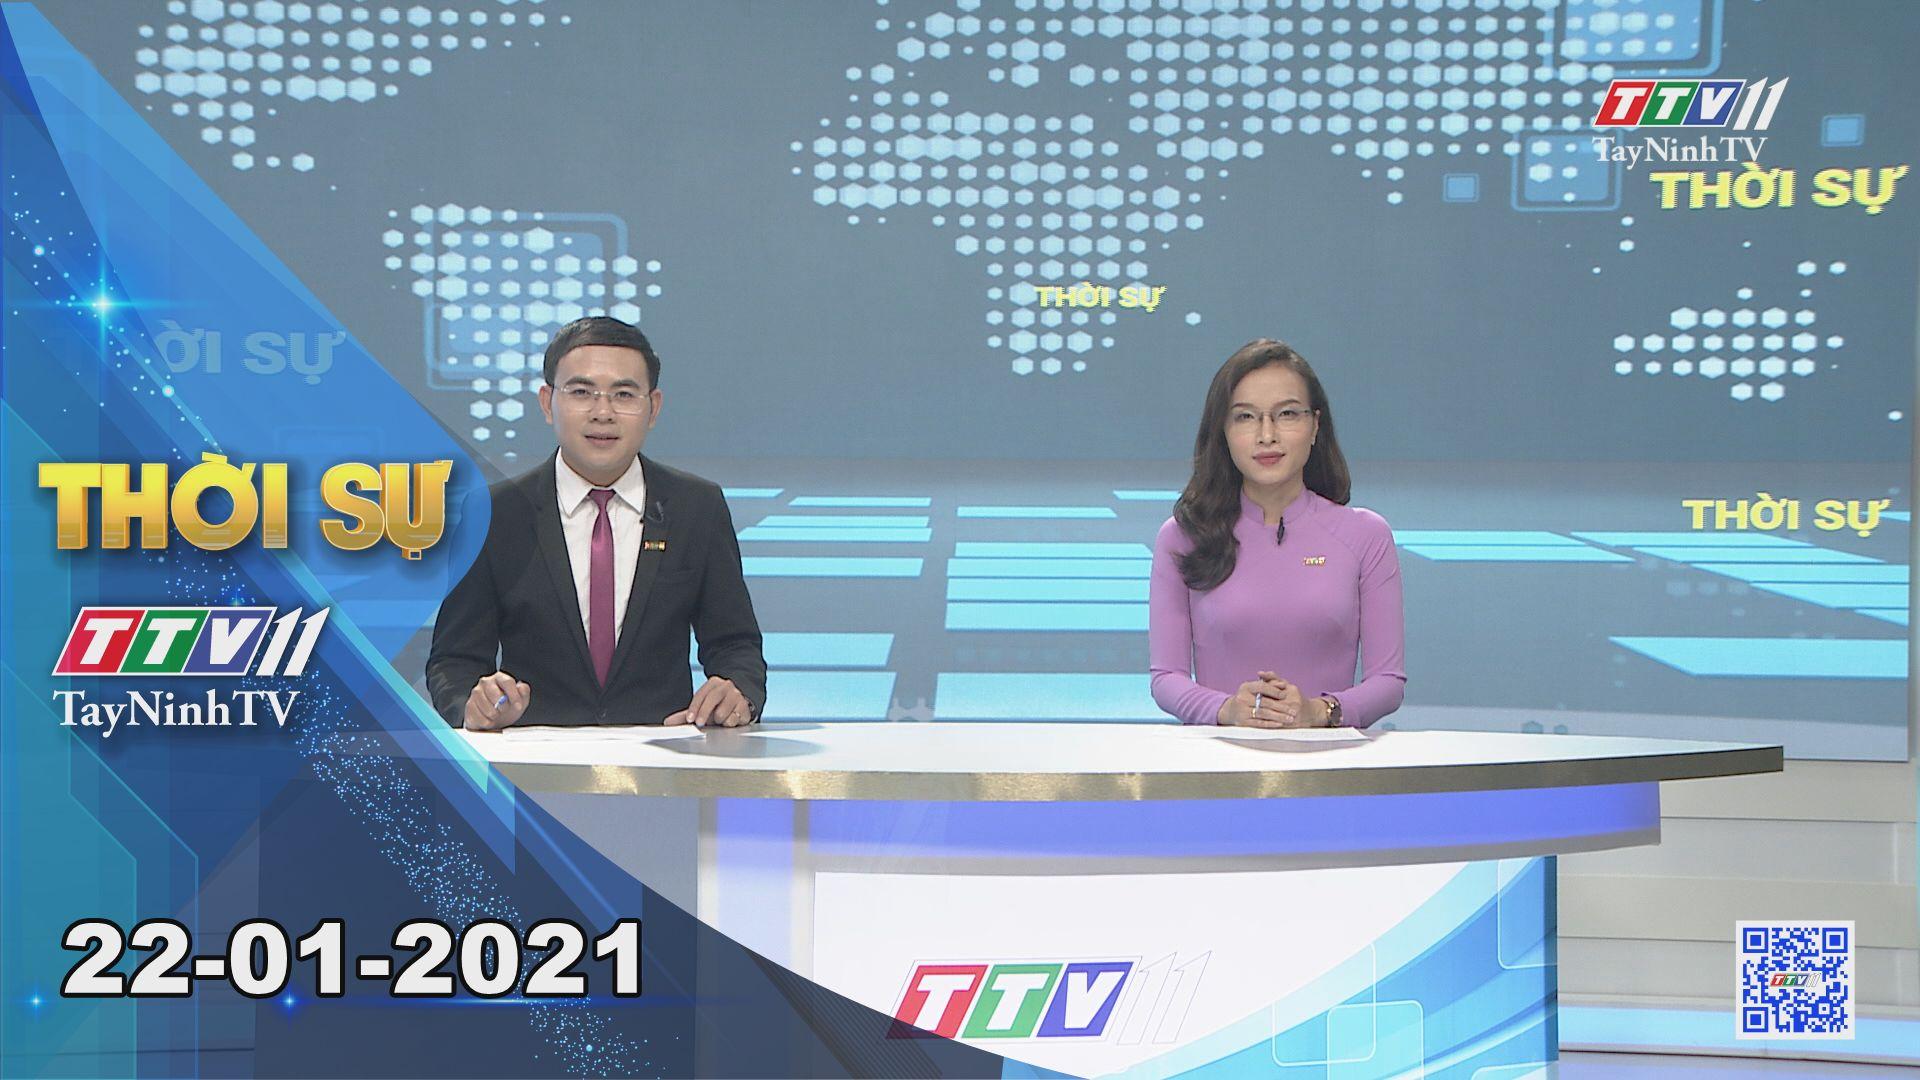 Thời sự Tây Ninh 22-01-2021 | Tin tức hôm nay | TayNinhTV